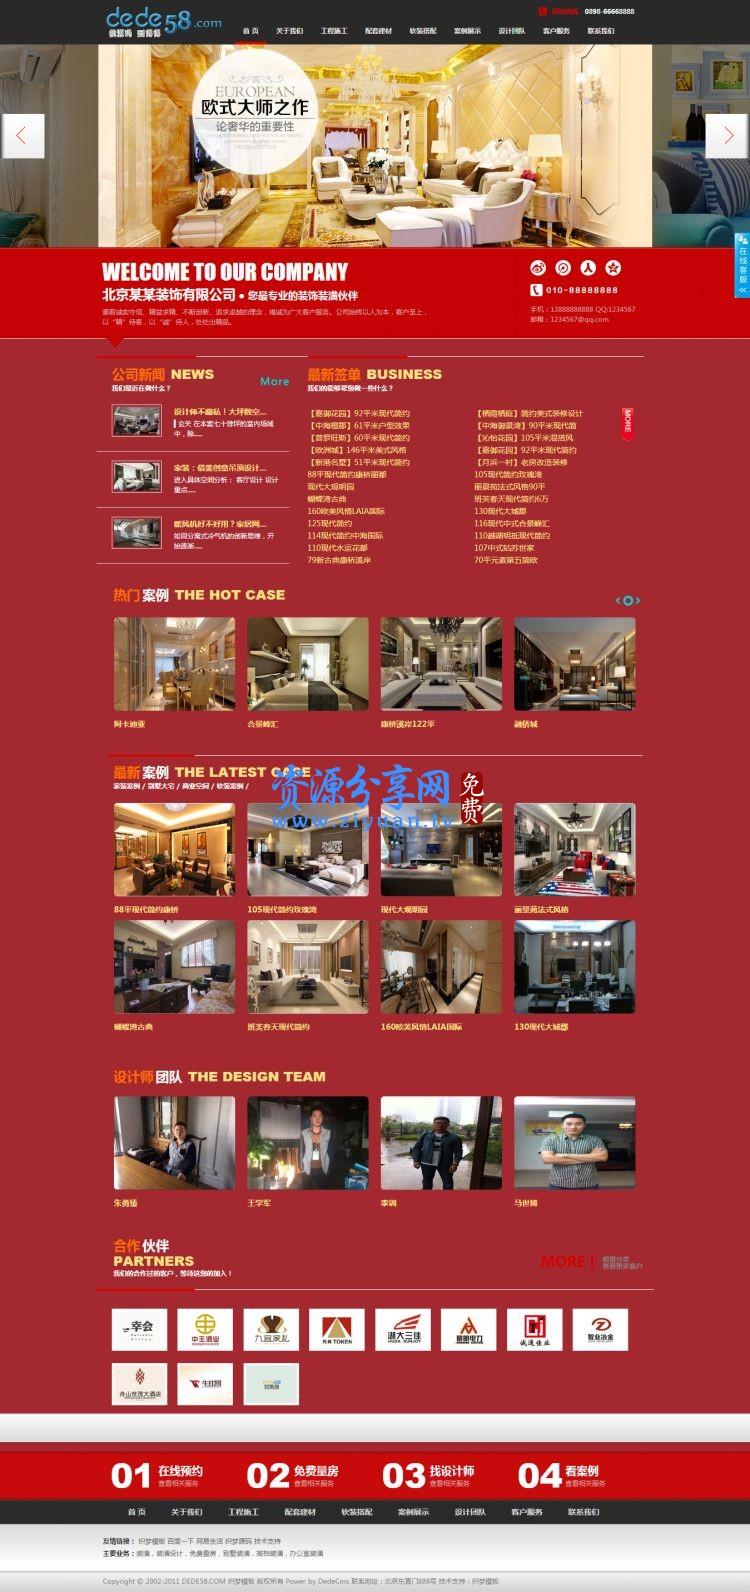 织梦dedecms红色大气装饰装修公司企业模板-资源分享网